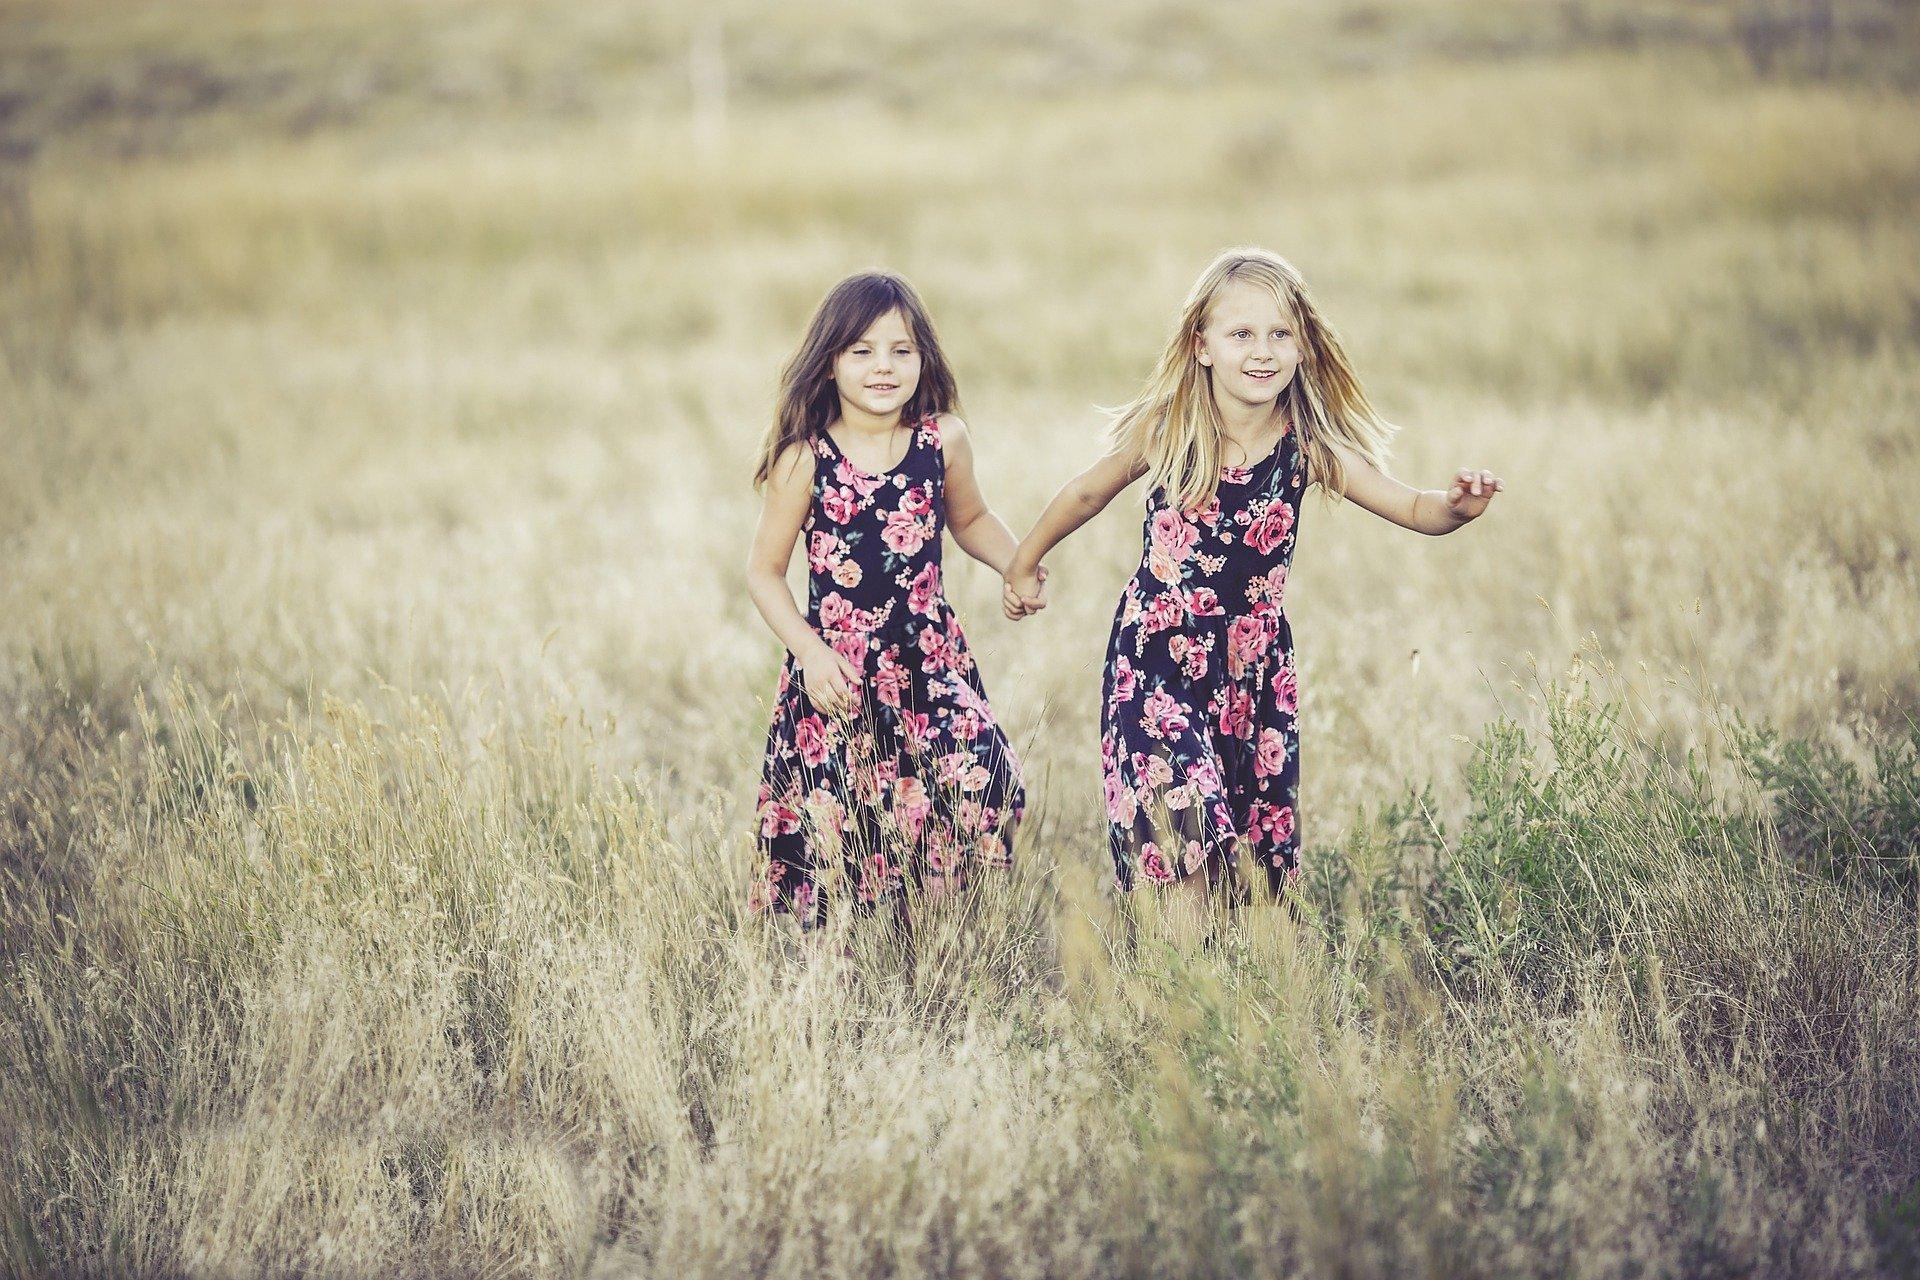 Comment j'ai compris ma sœur à travers la relation sororale de mes filles